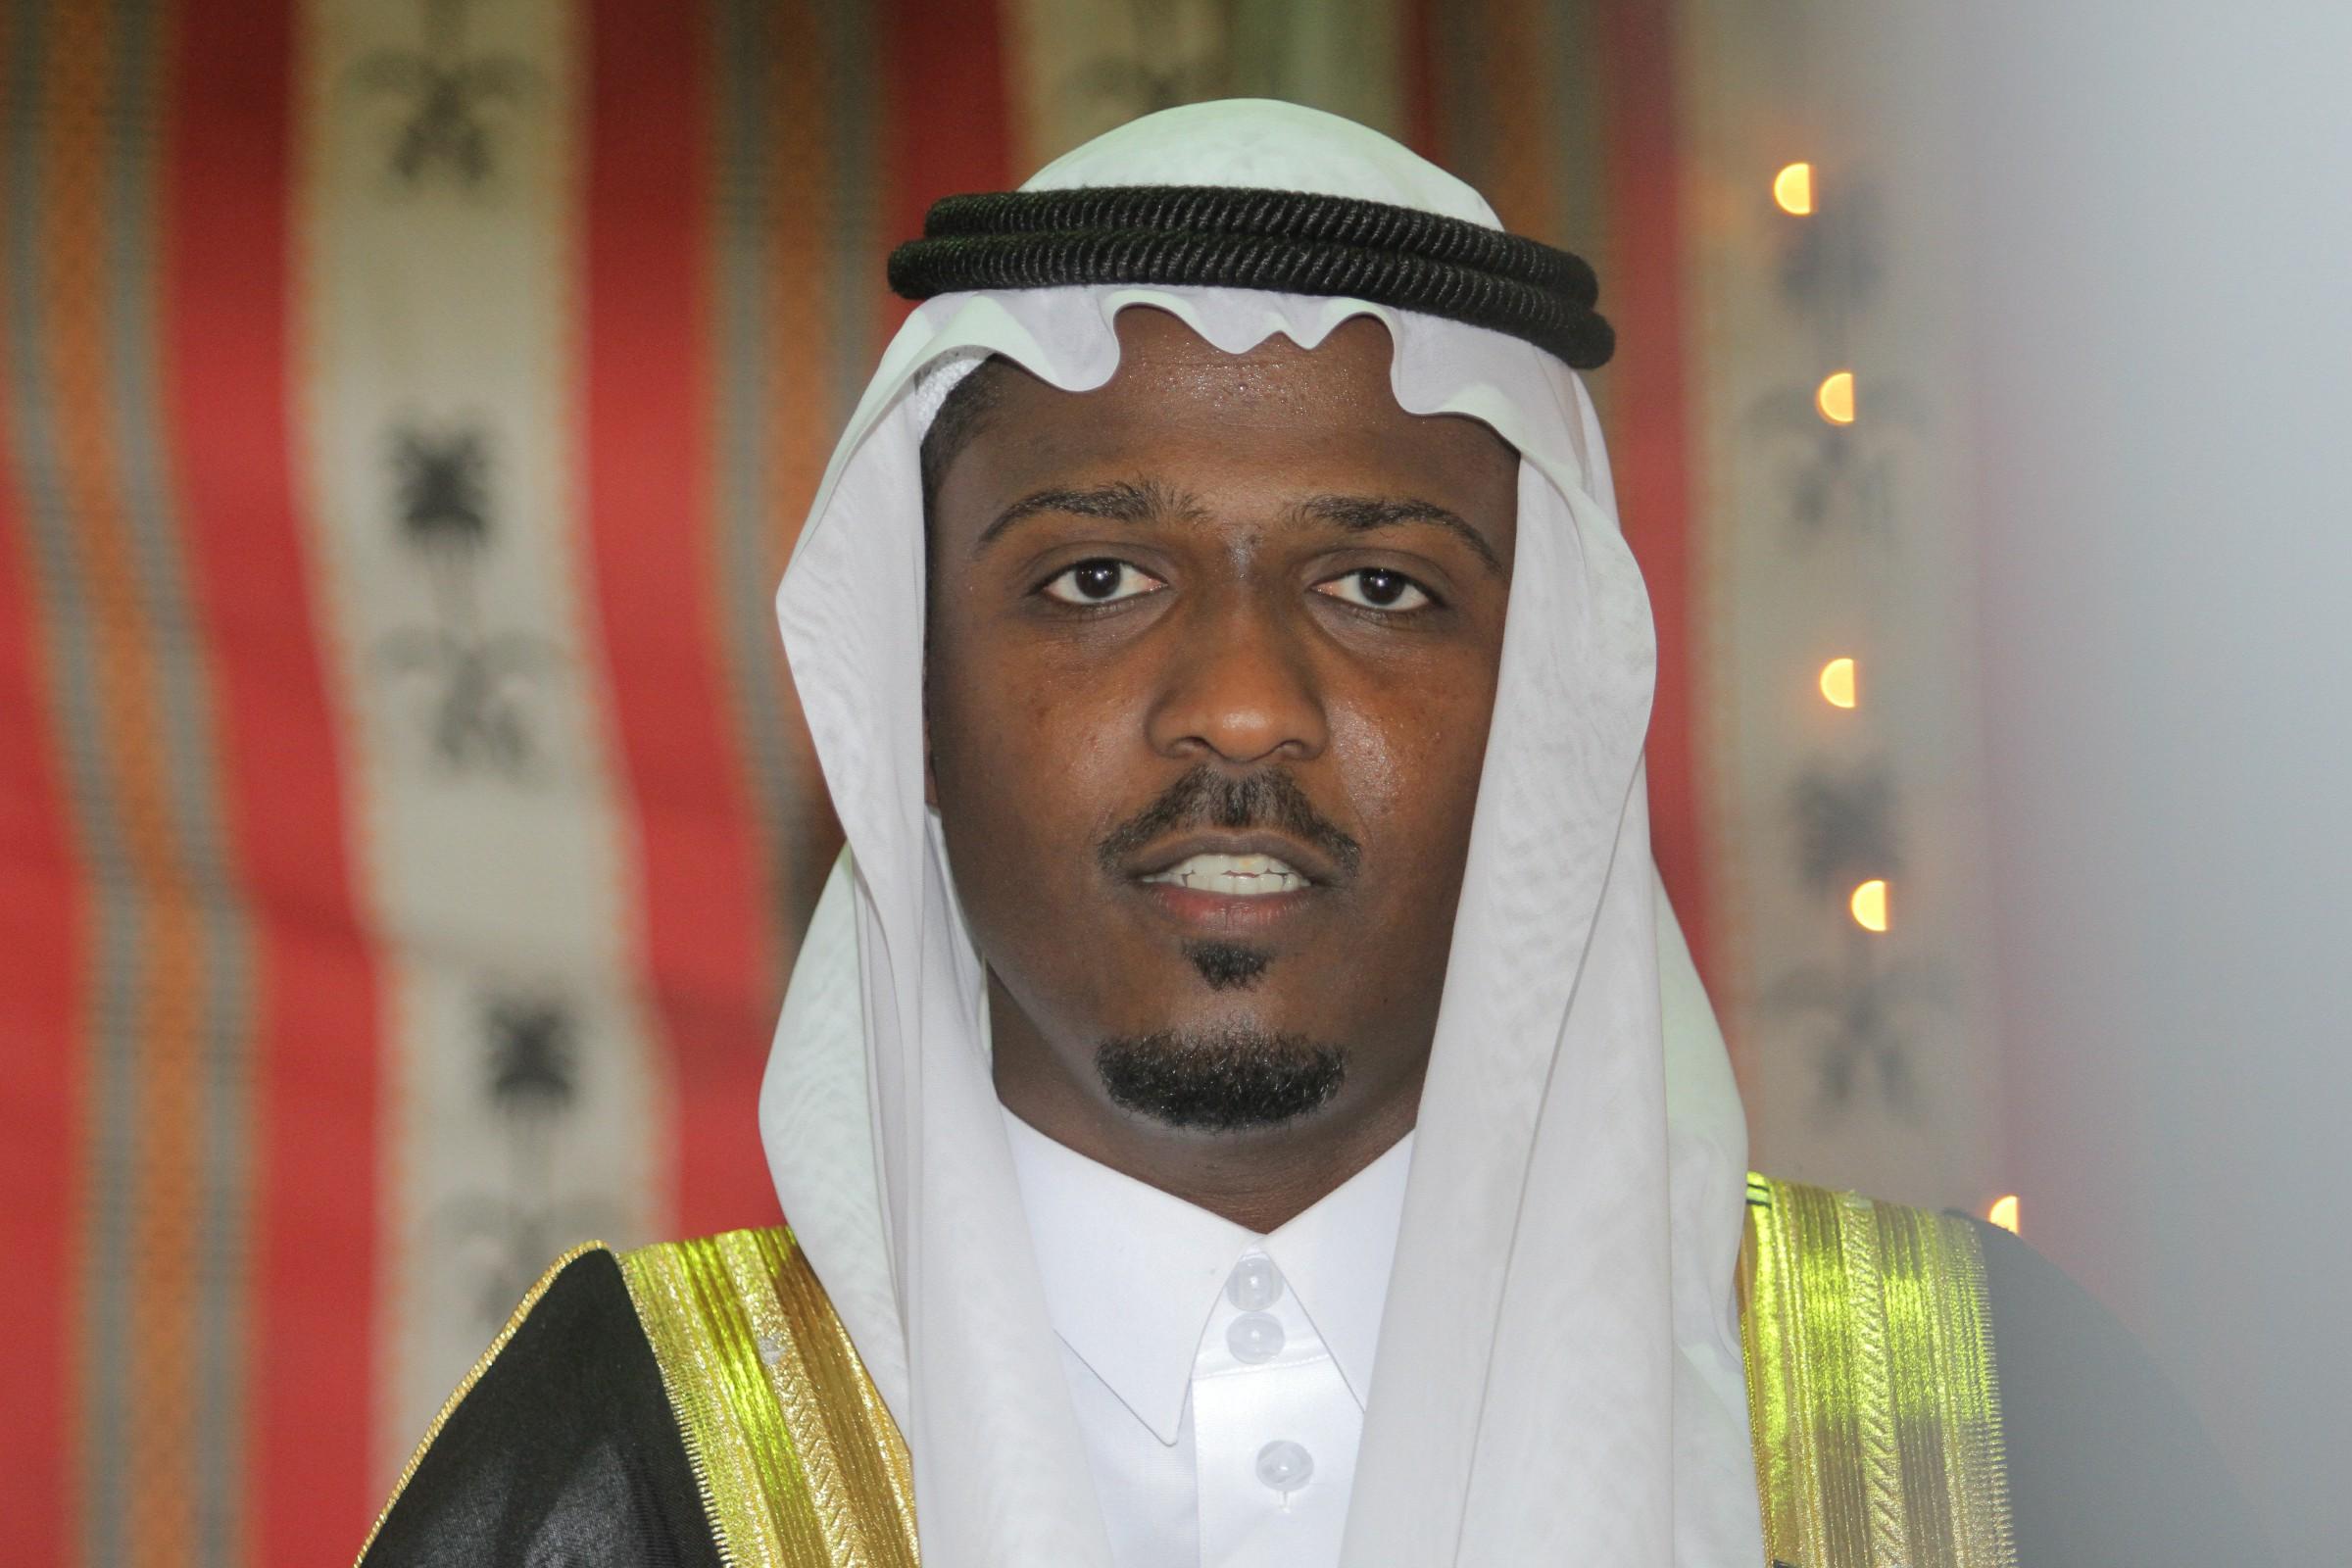 حفل زواج المهندس: عبدالله موسى الكعبي